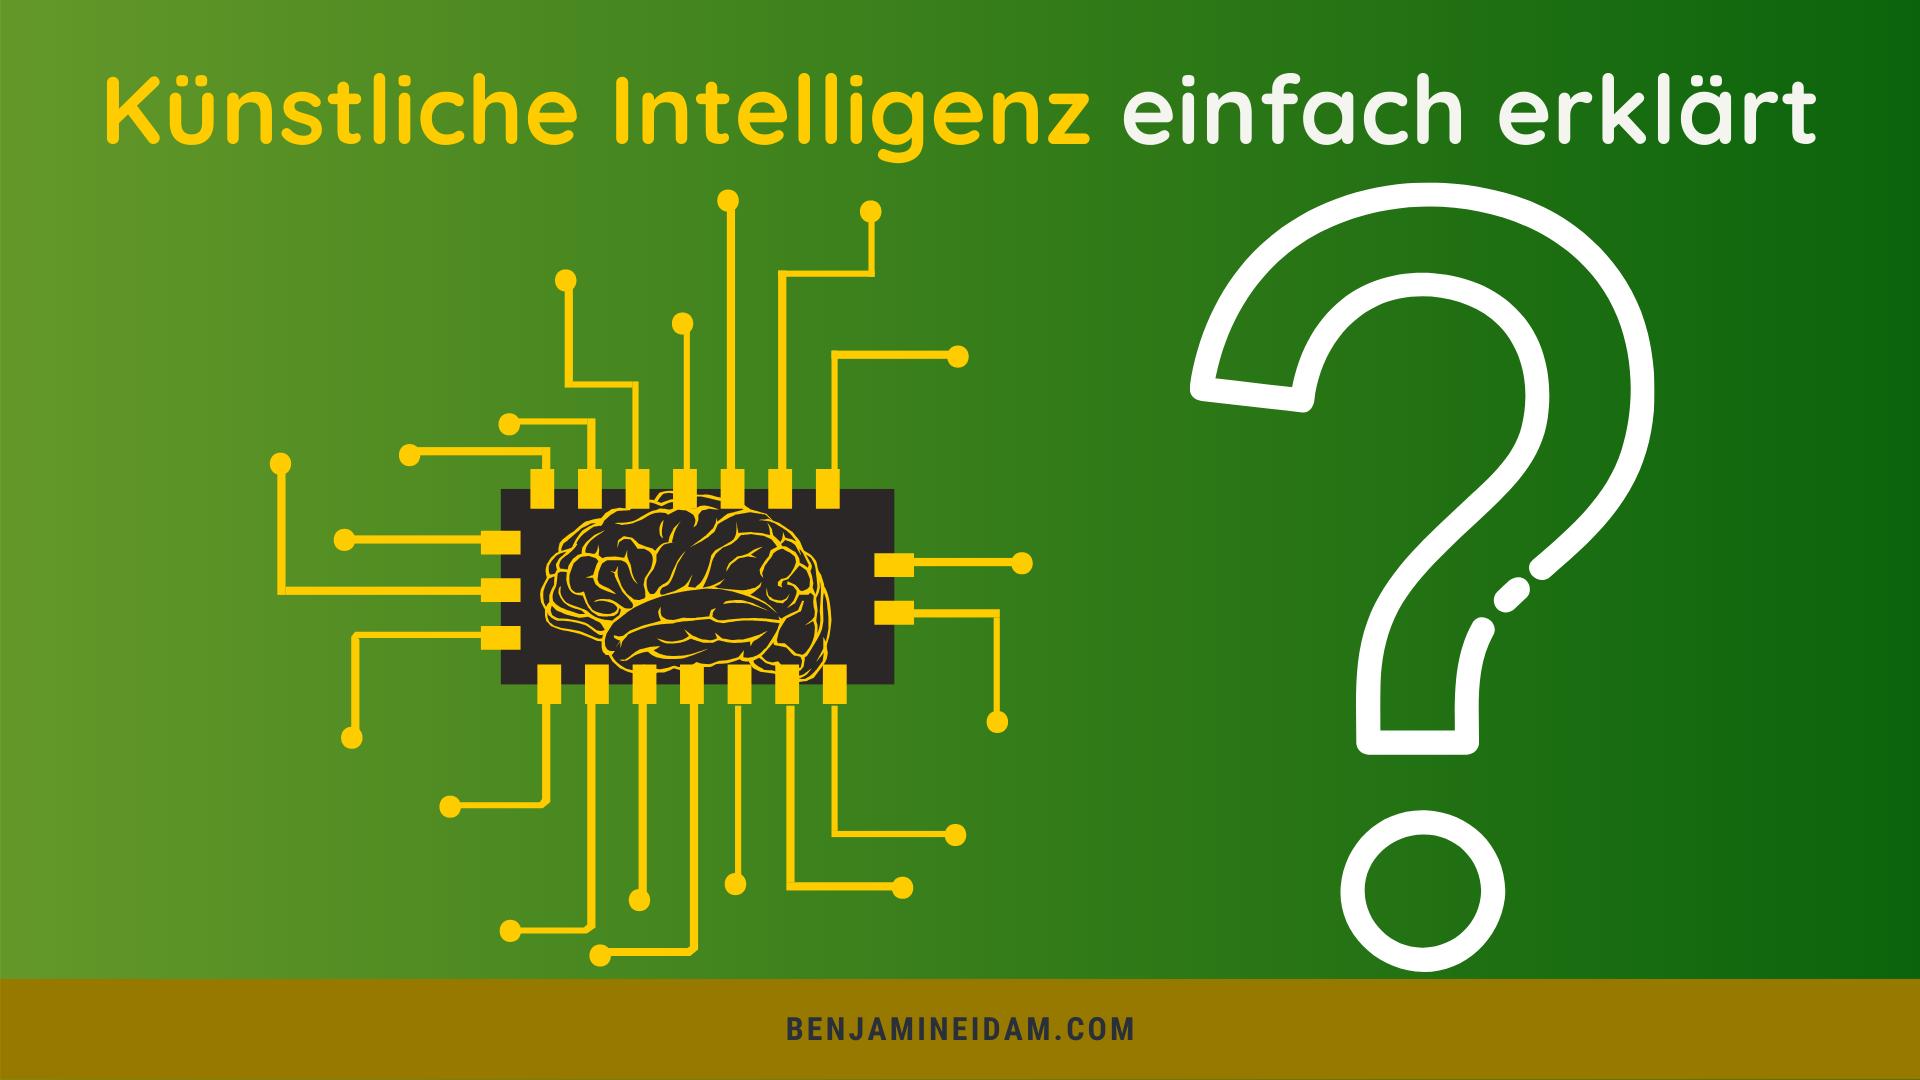 Künstliche Intelligenz ganz einfach erklärt